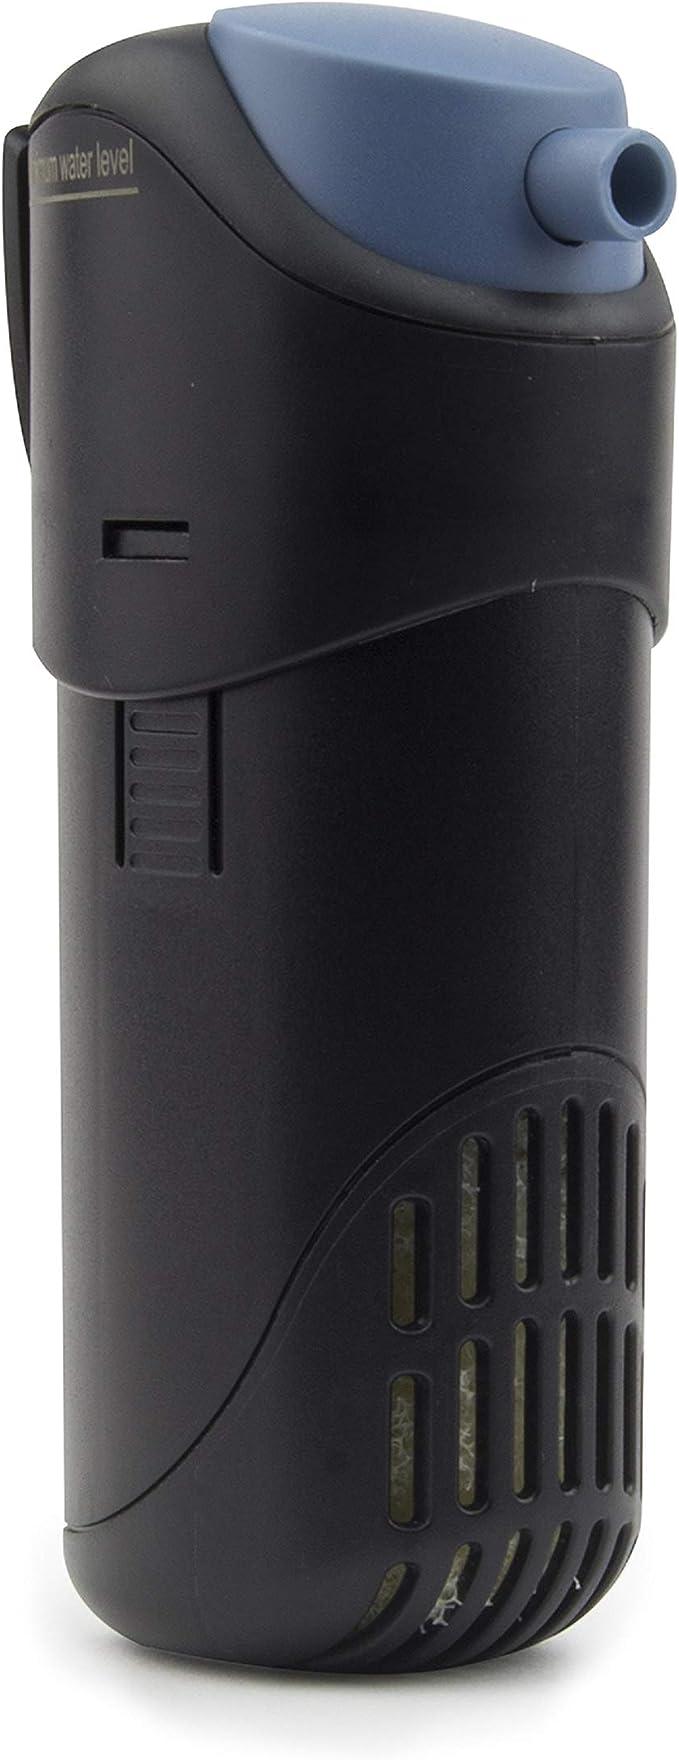 Internal Power Filter PF Mini 2 Pack Deal Interpet